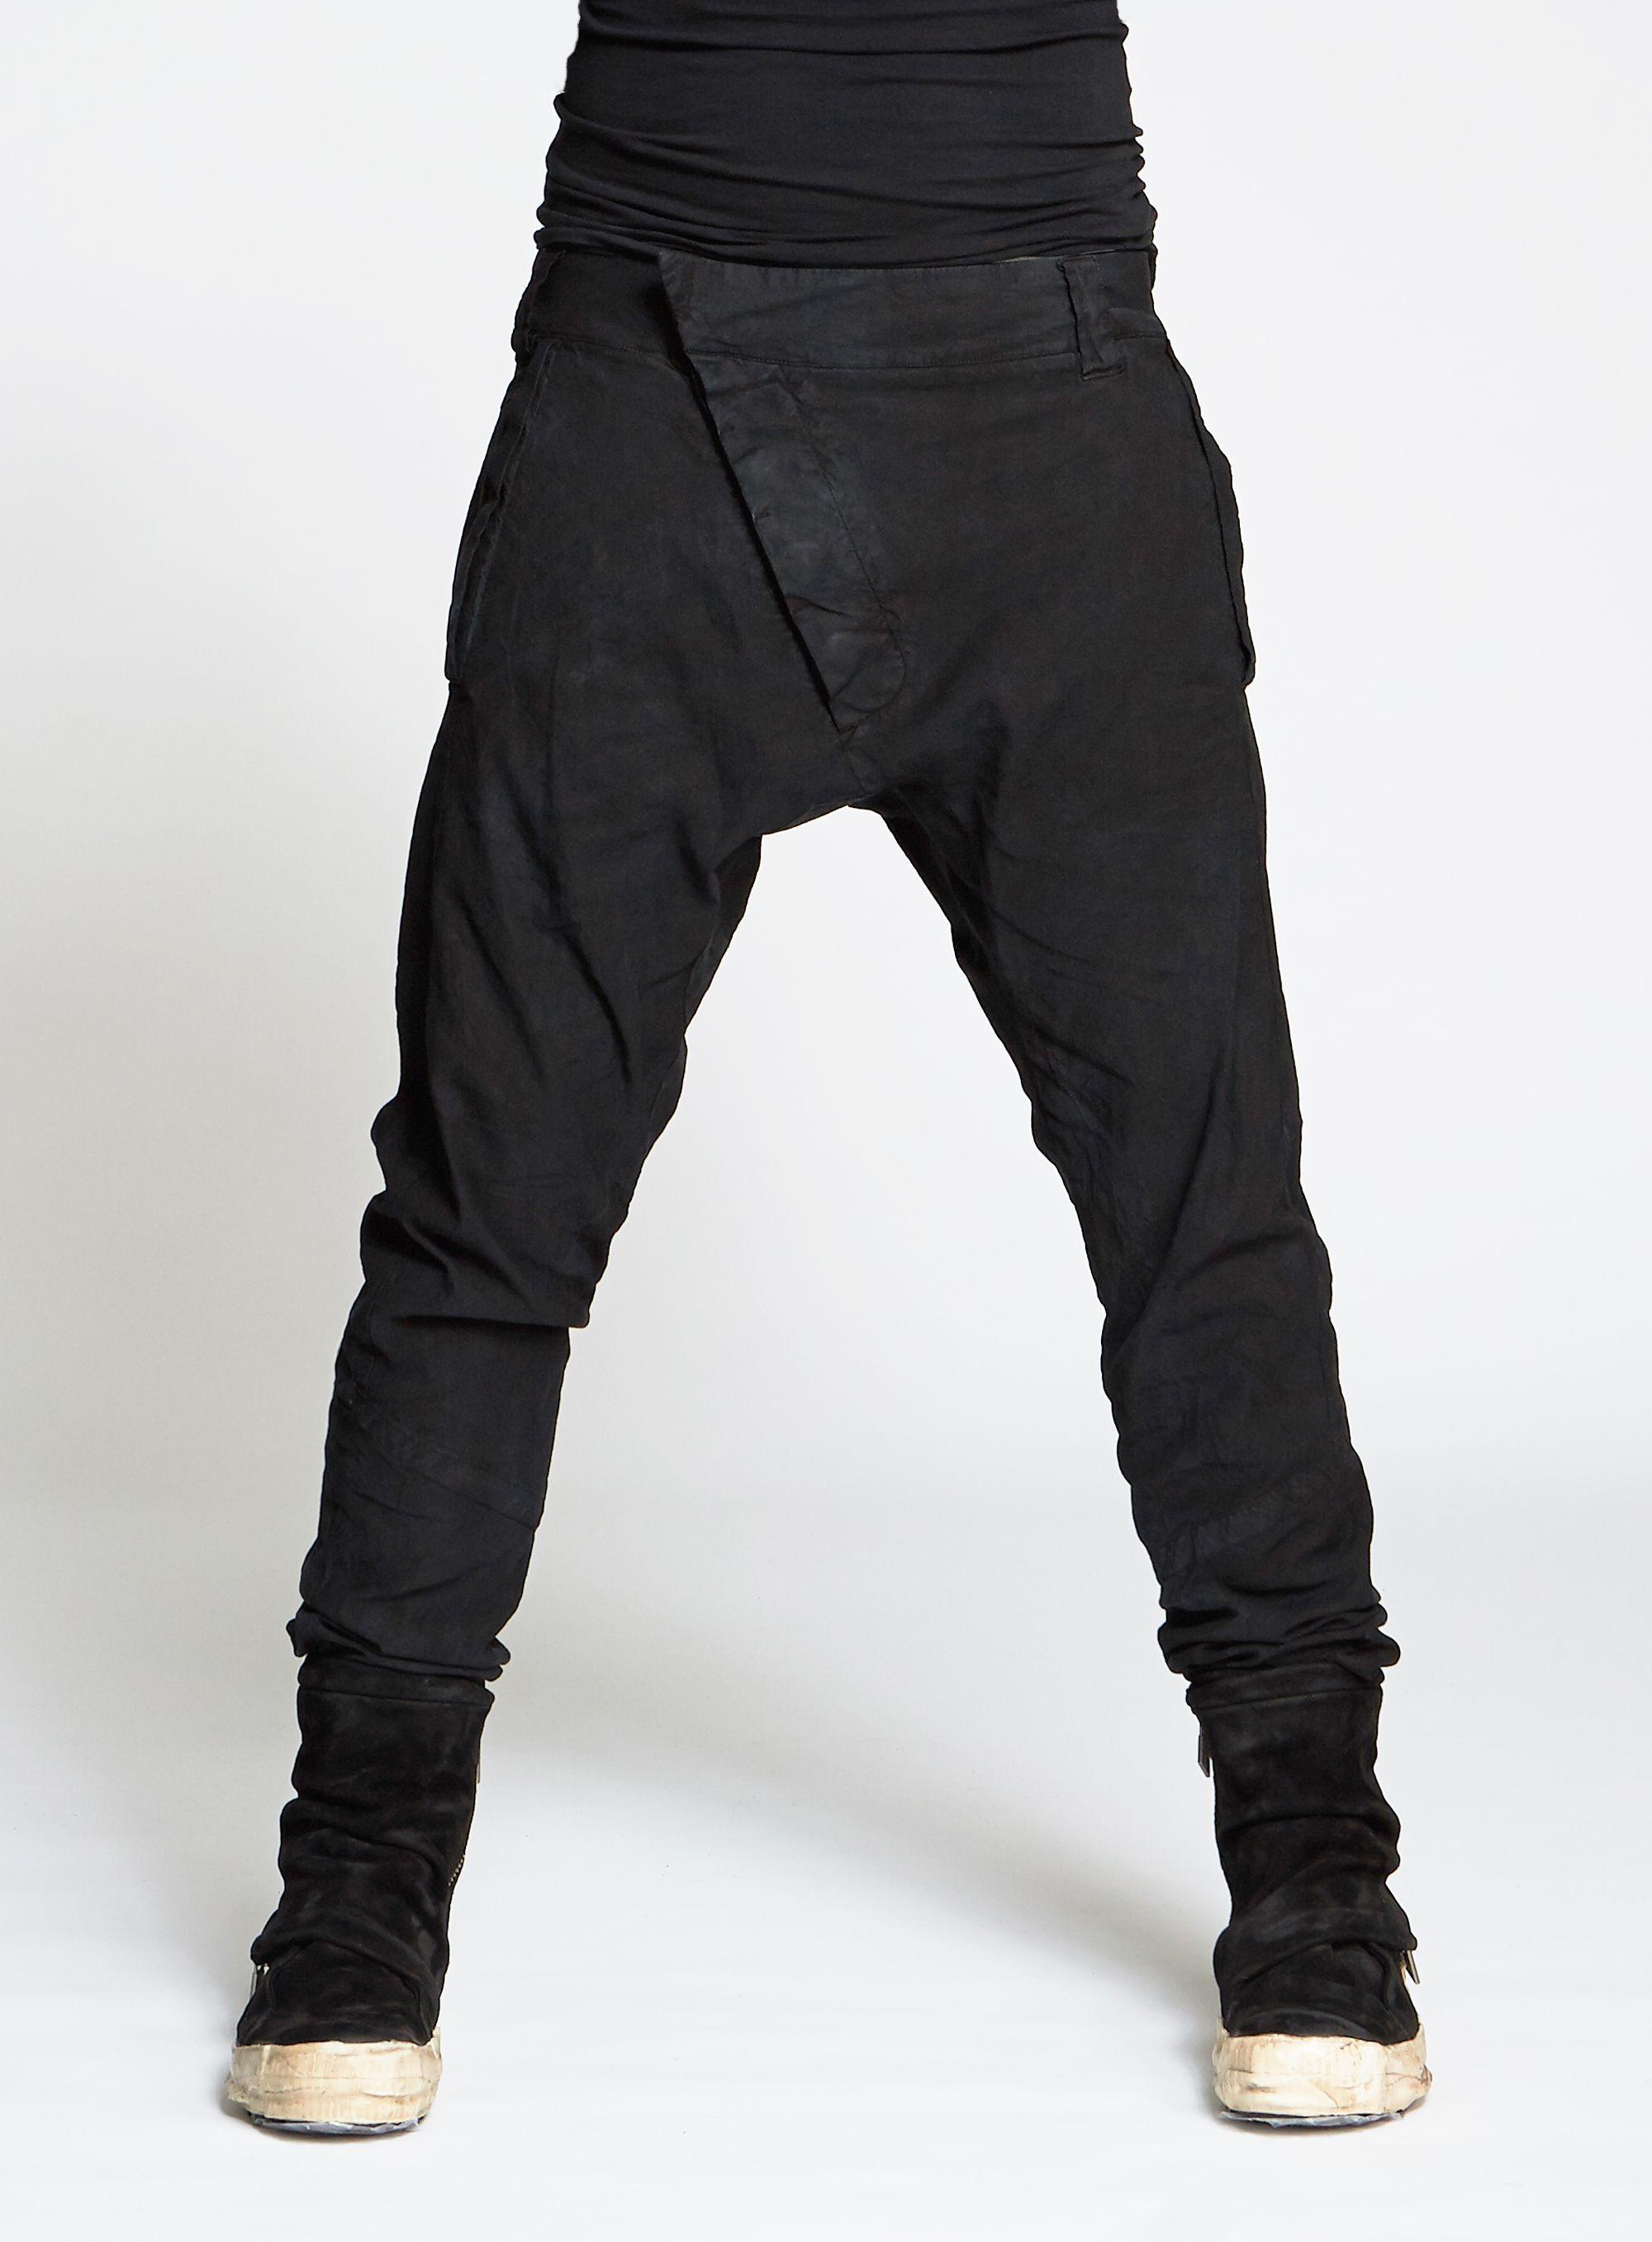 85b6a1865e PREACH - Onlineshop Produktdetails Punk Fashion, Fashion Pants, Urban  Fashion, Fashion Outfits,